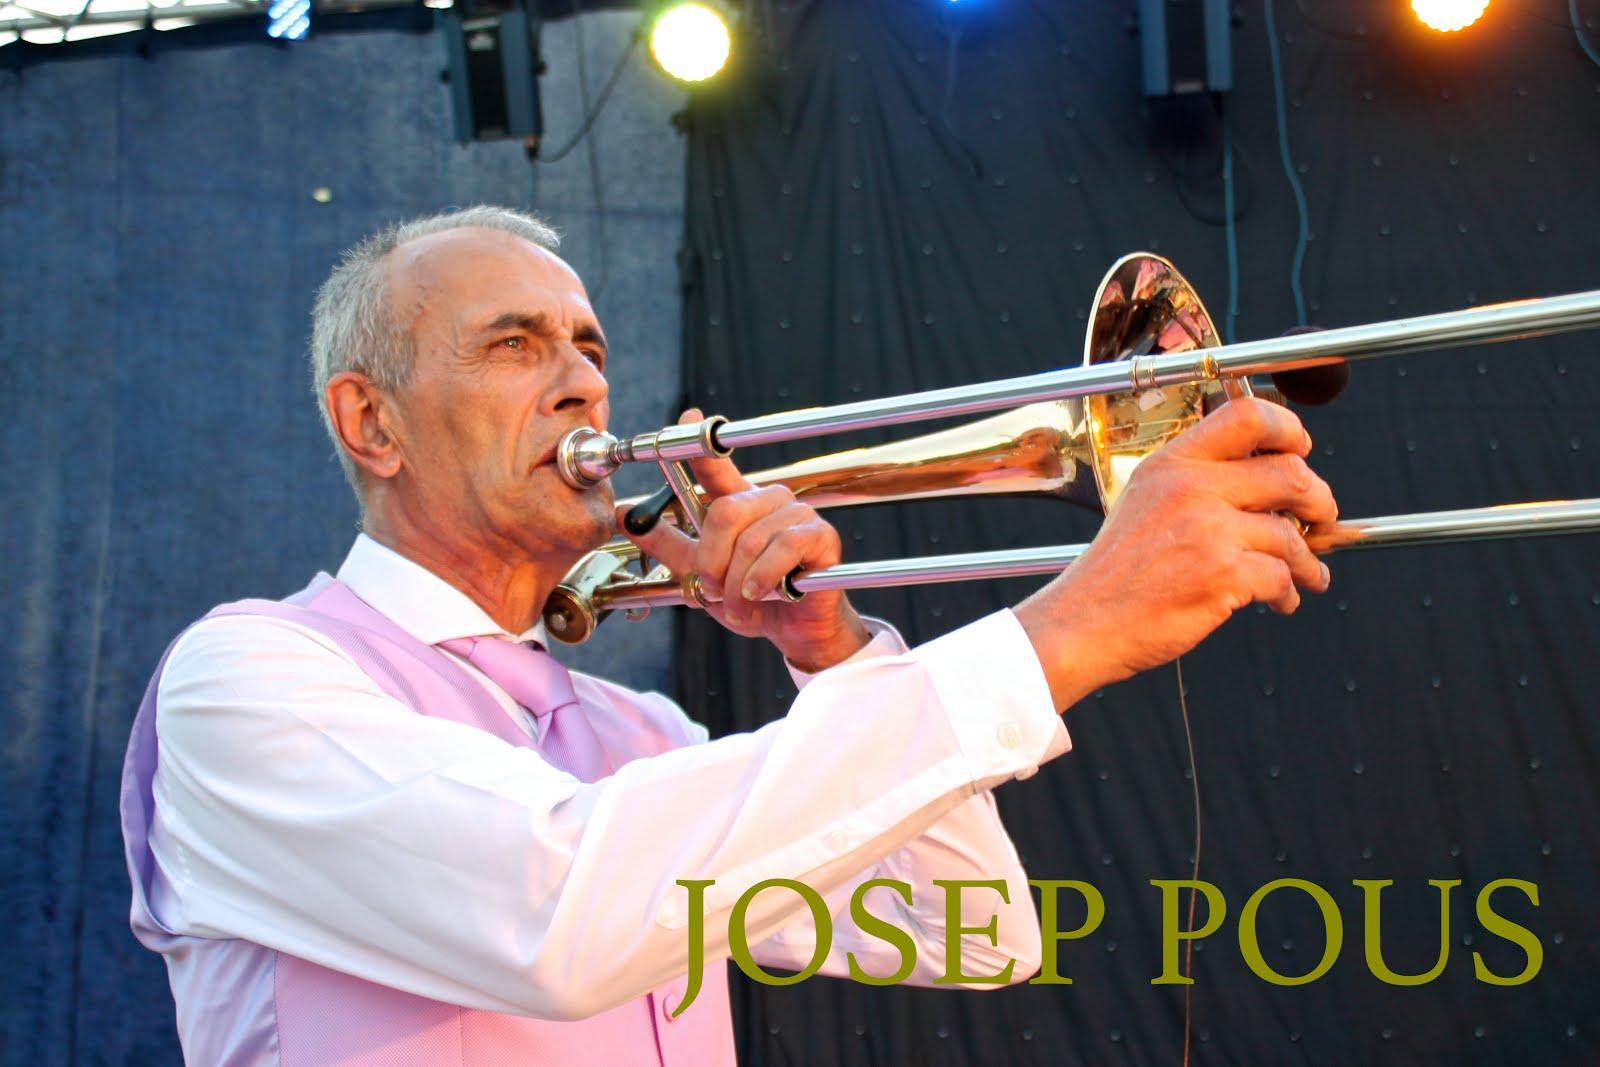 Josep Pous